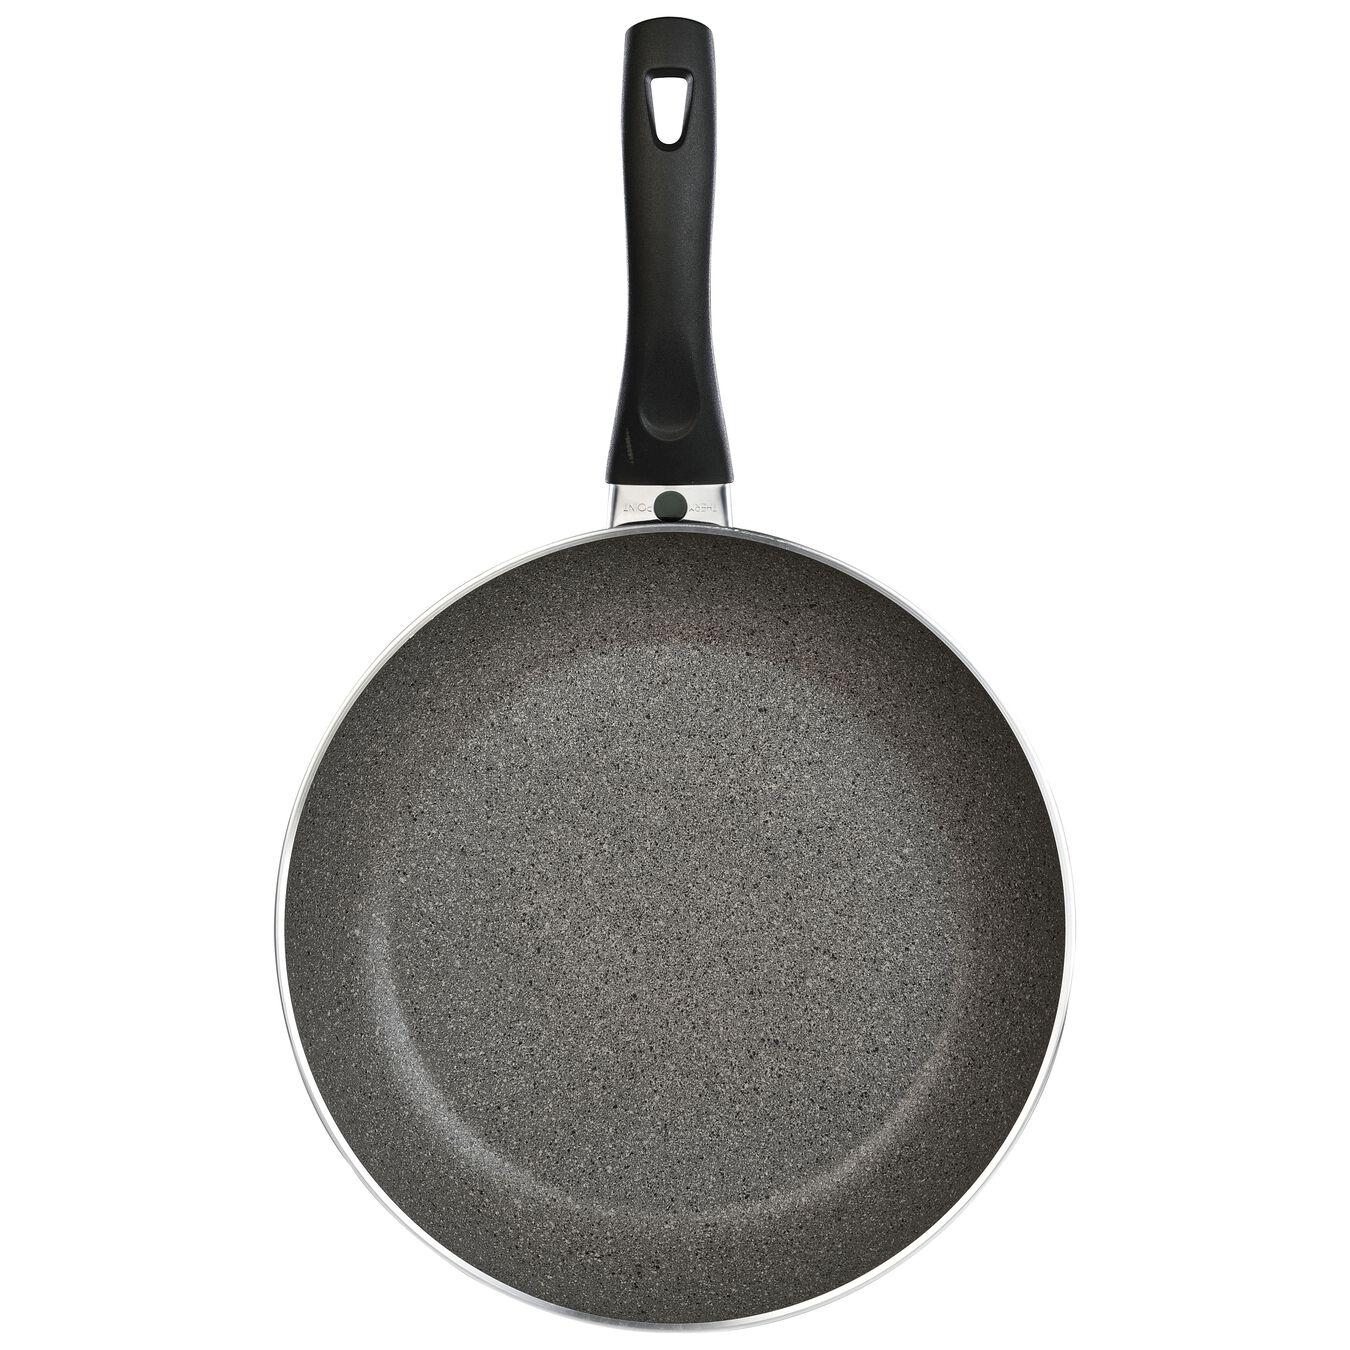 Frigideira, 28 cm - granitium 28 cm, Alumínio, Preto,,large 6